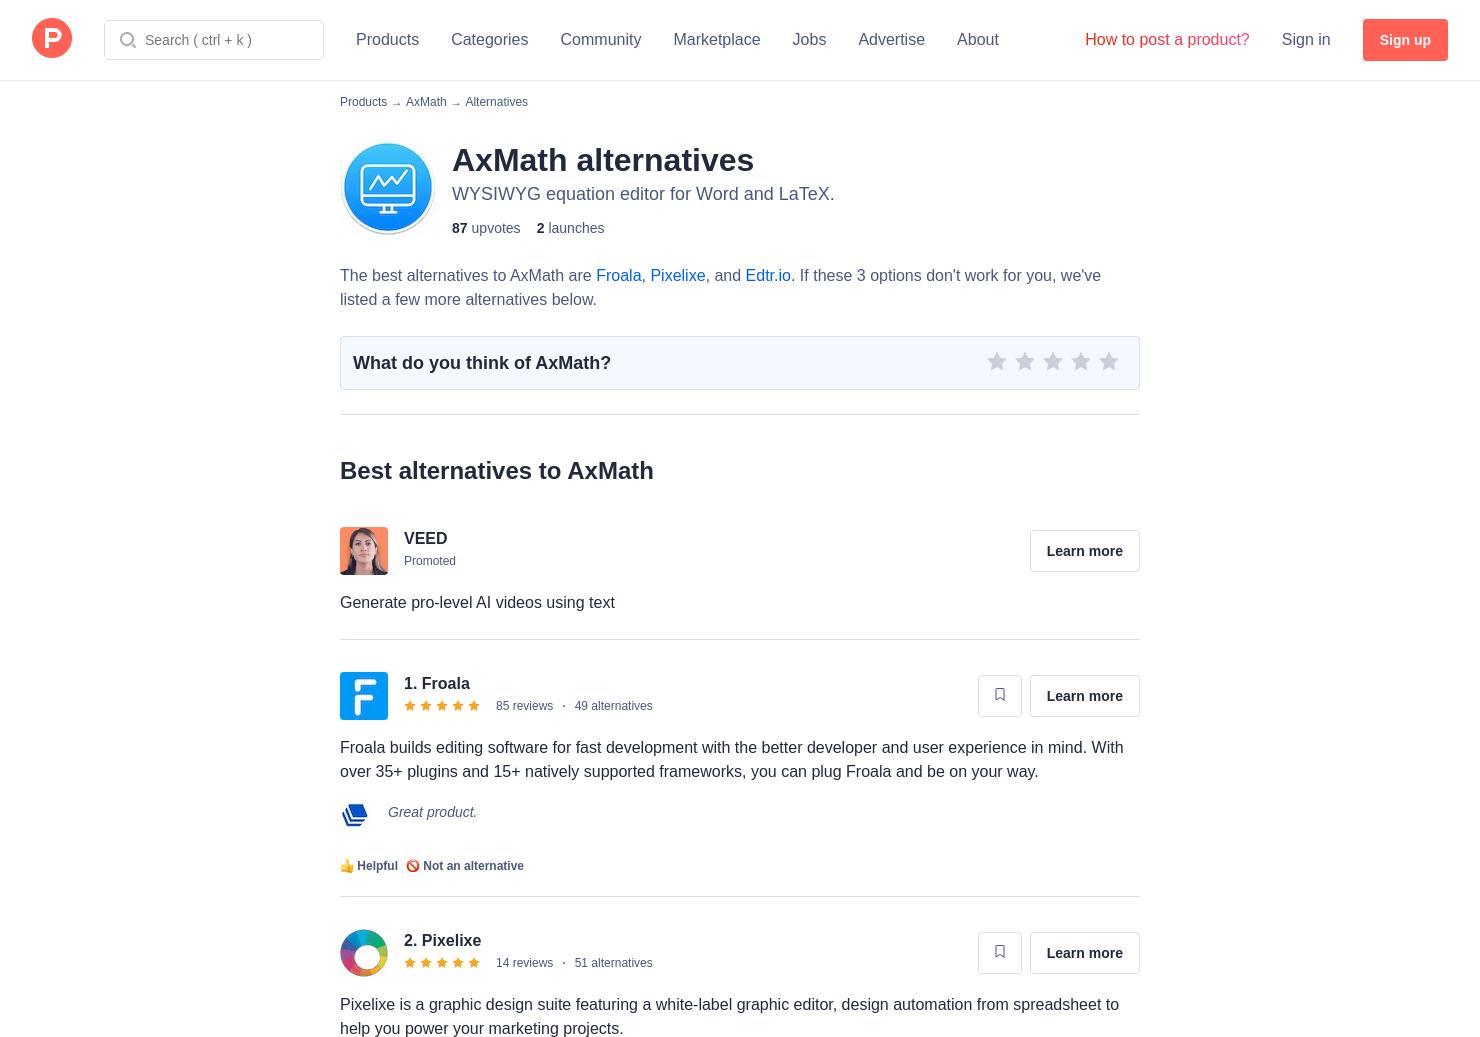 9 Alternatives to AxMath | Product Hunt